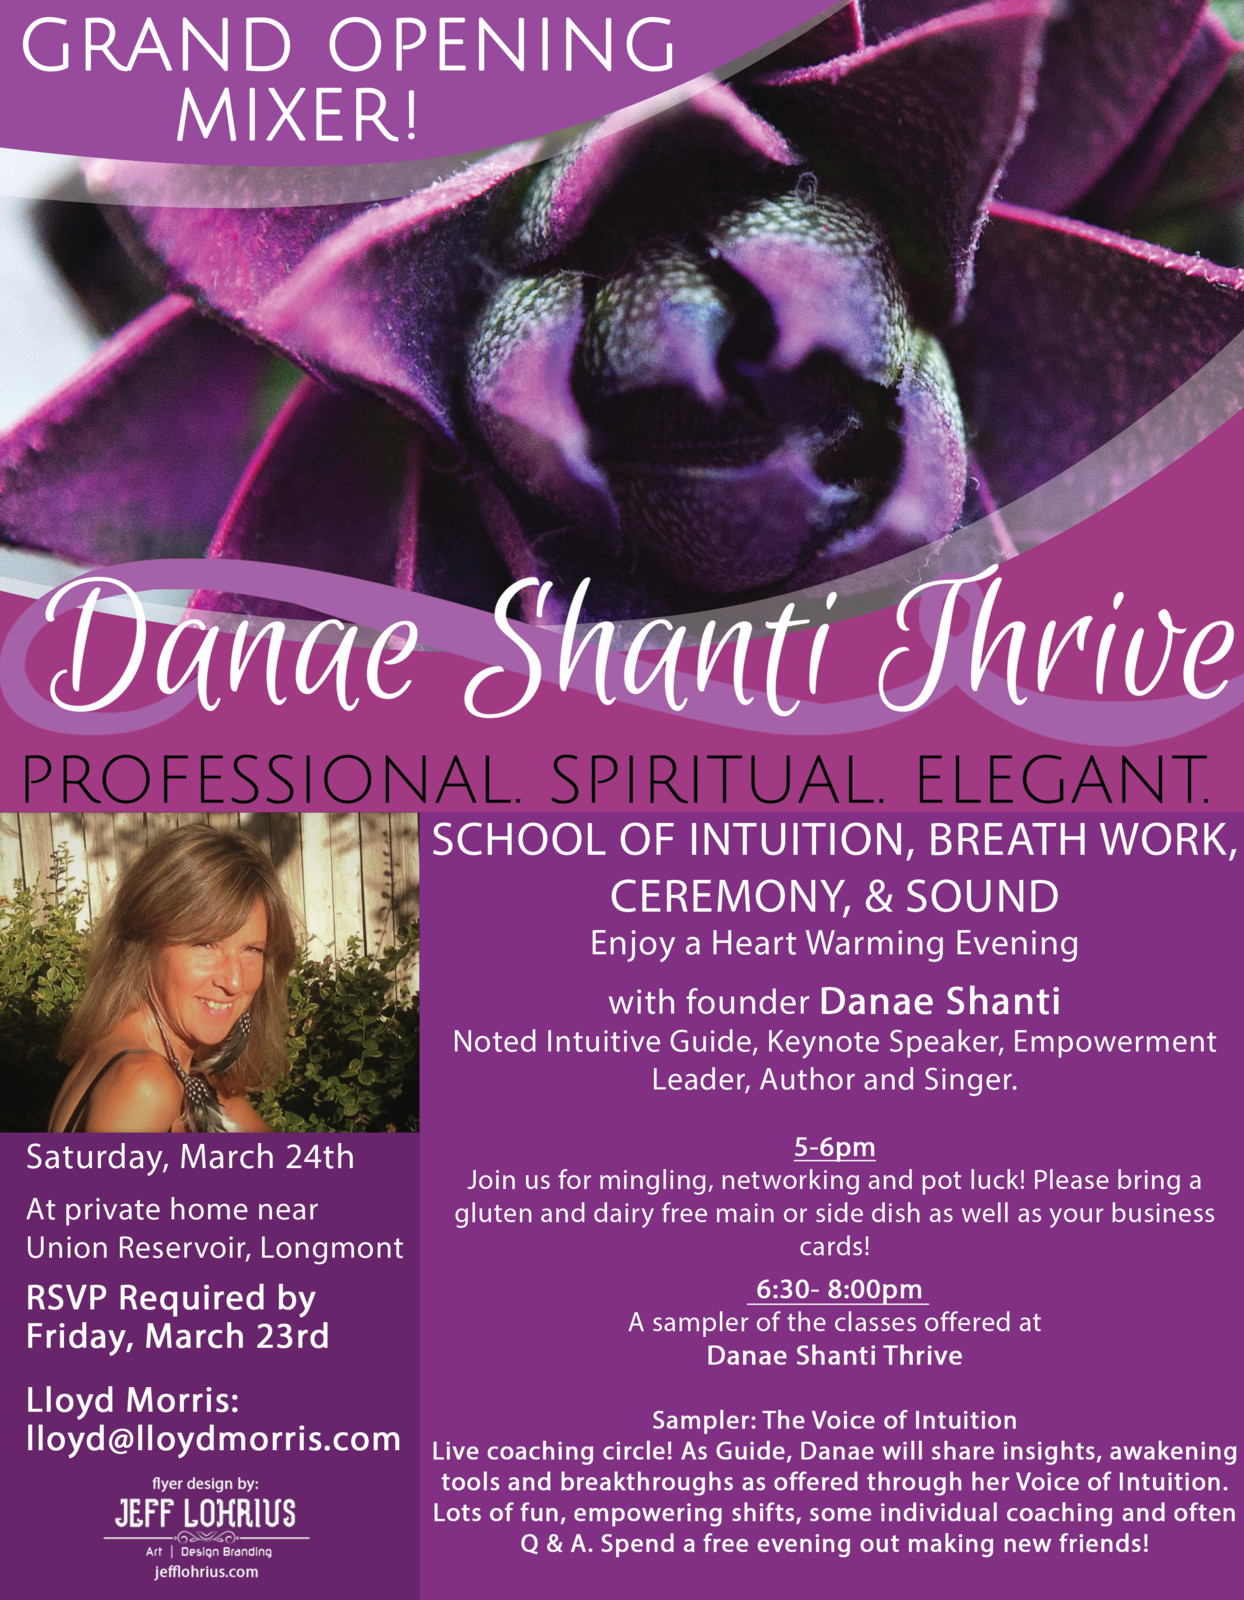 Danae Shanti Thrive